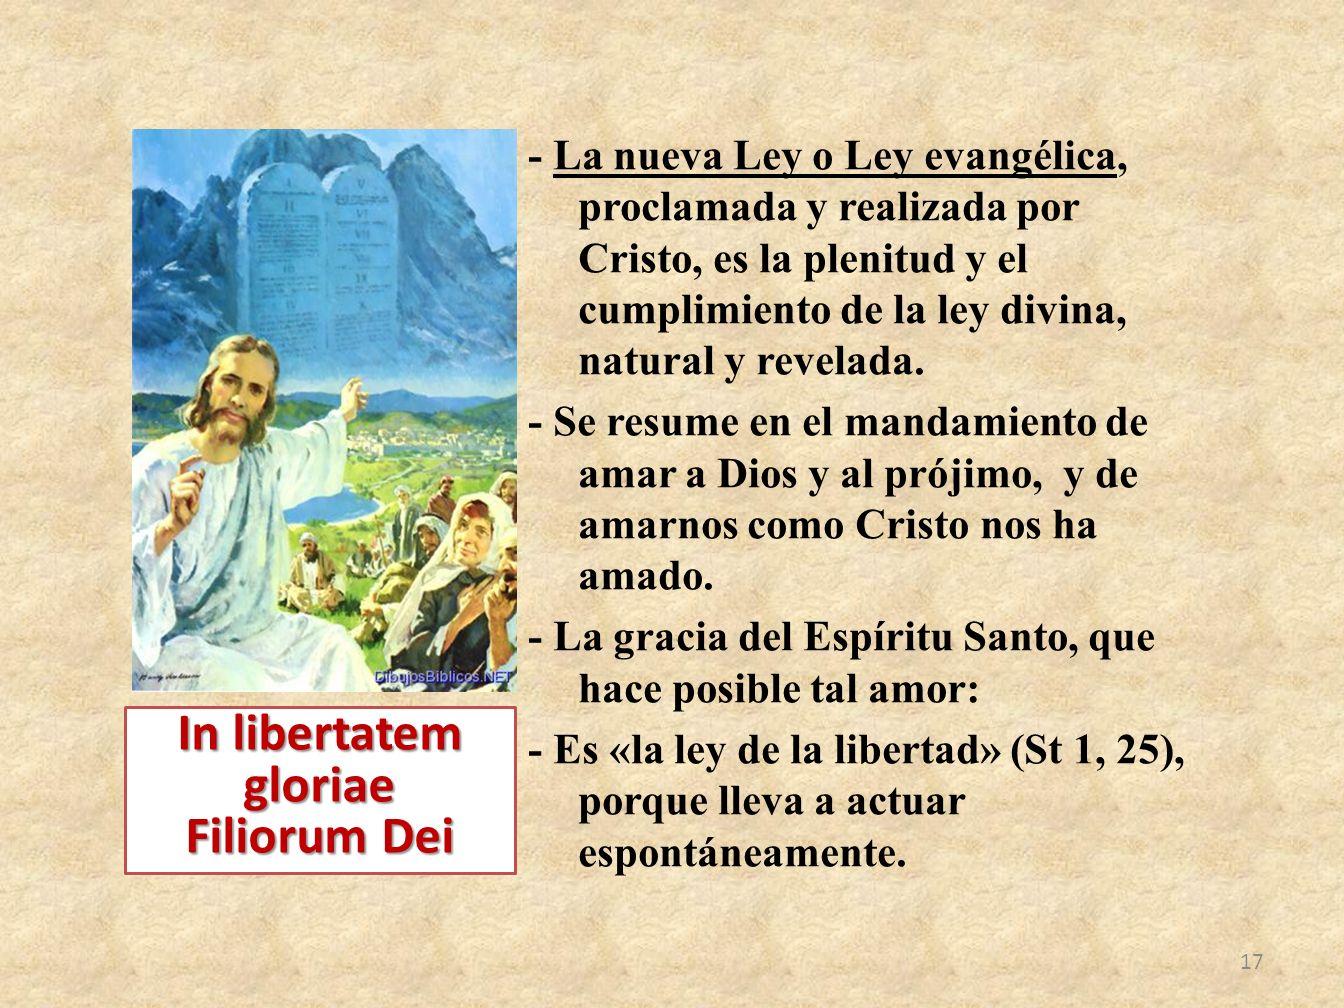 In libertatem gloriae Filiorum Dei